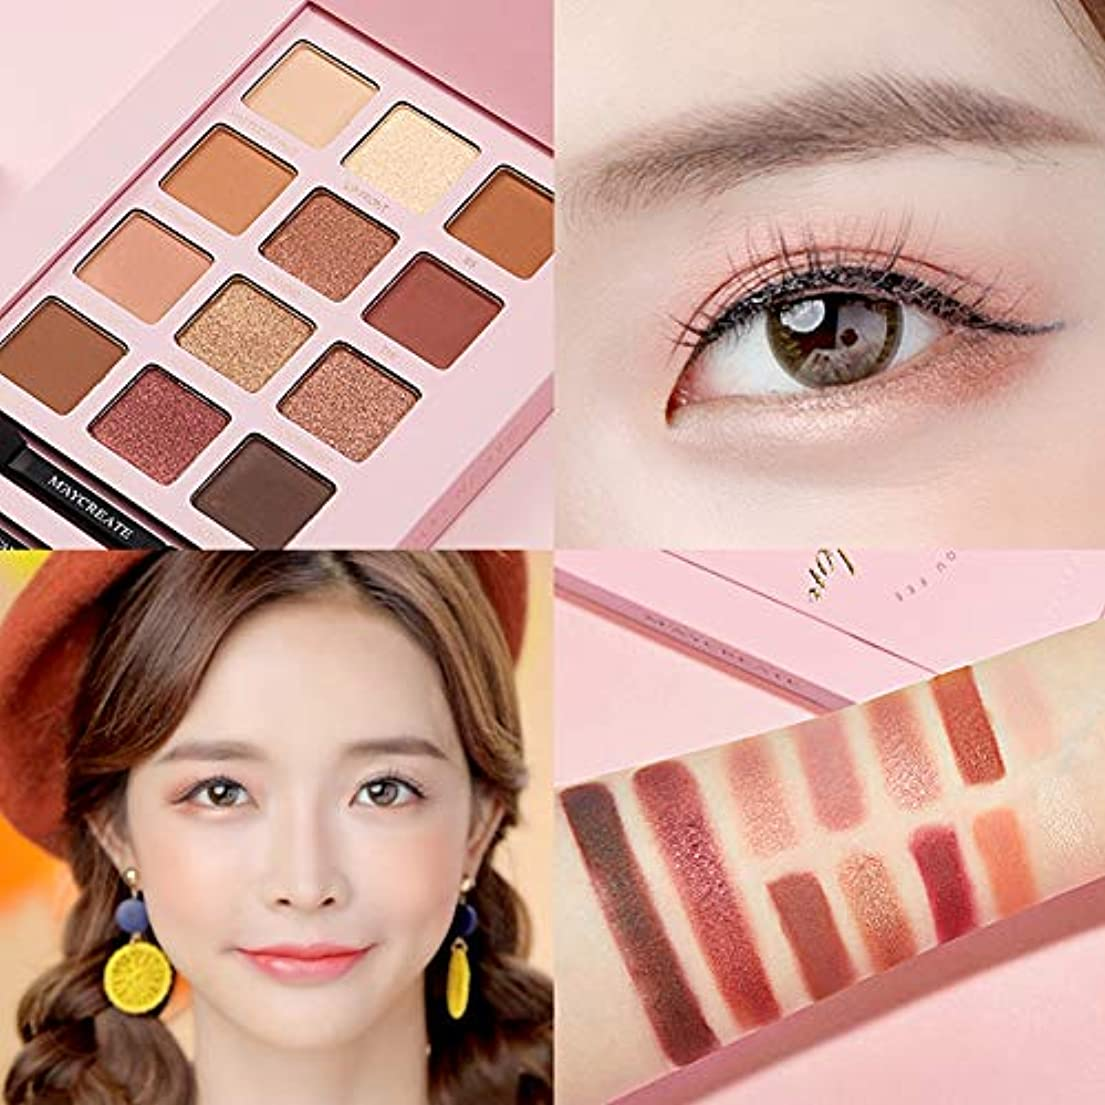 パーセント流暢ディレクターDkhsyアイシャドーマットアイシャドープレート美容女性の目の化粧品ラスティングキラキラアイシャドウ化粧品ツール 12色